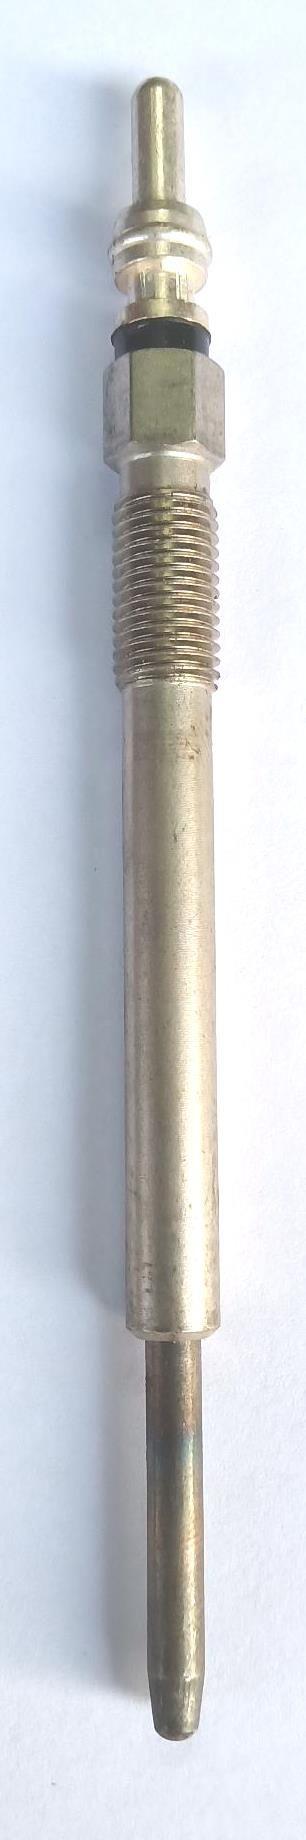 GLOW PLUG - TATA INDICA